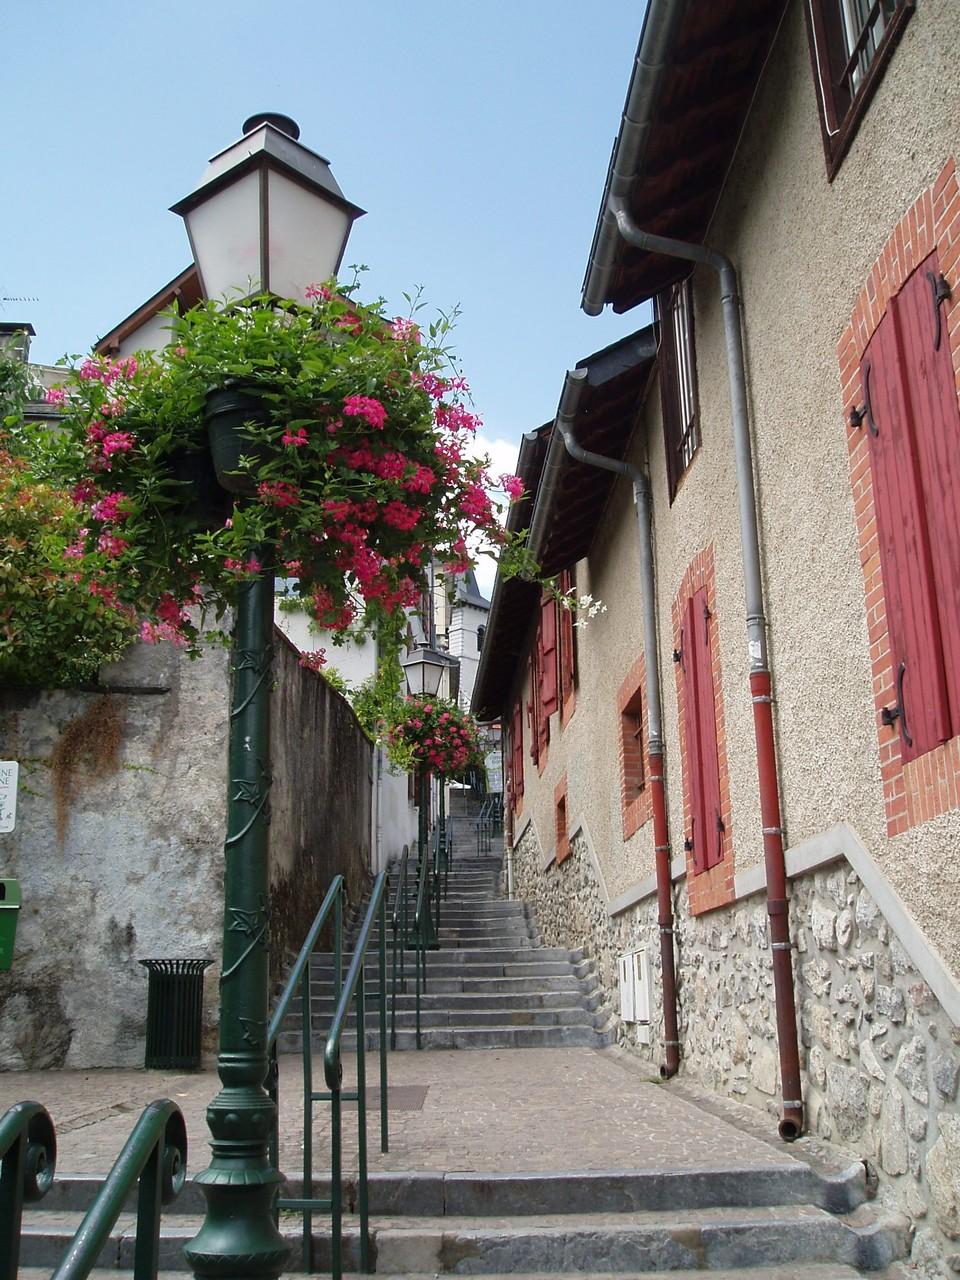 Escalier parc thermal Argelès Gazost